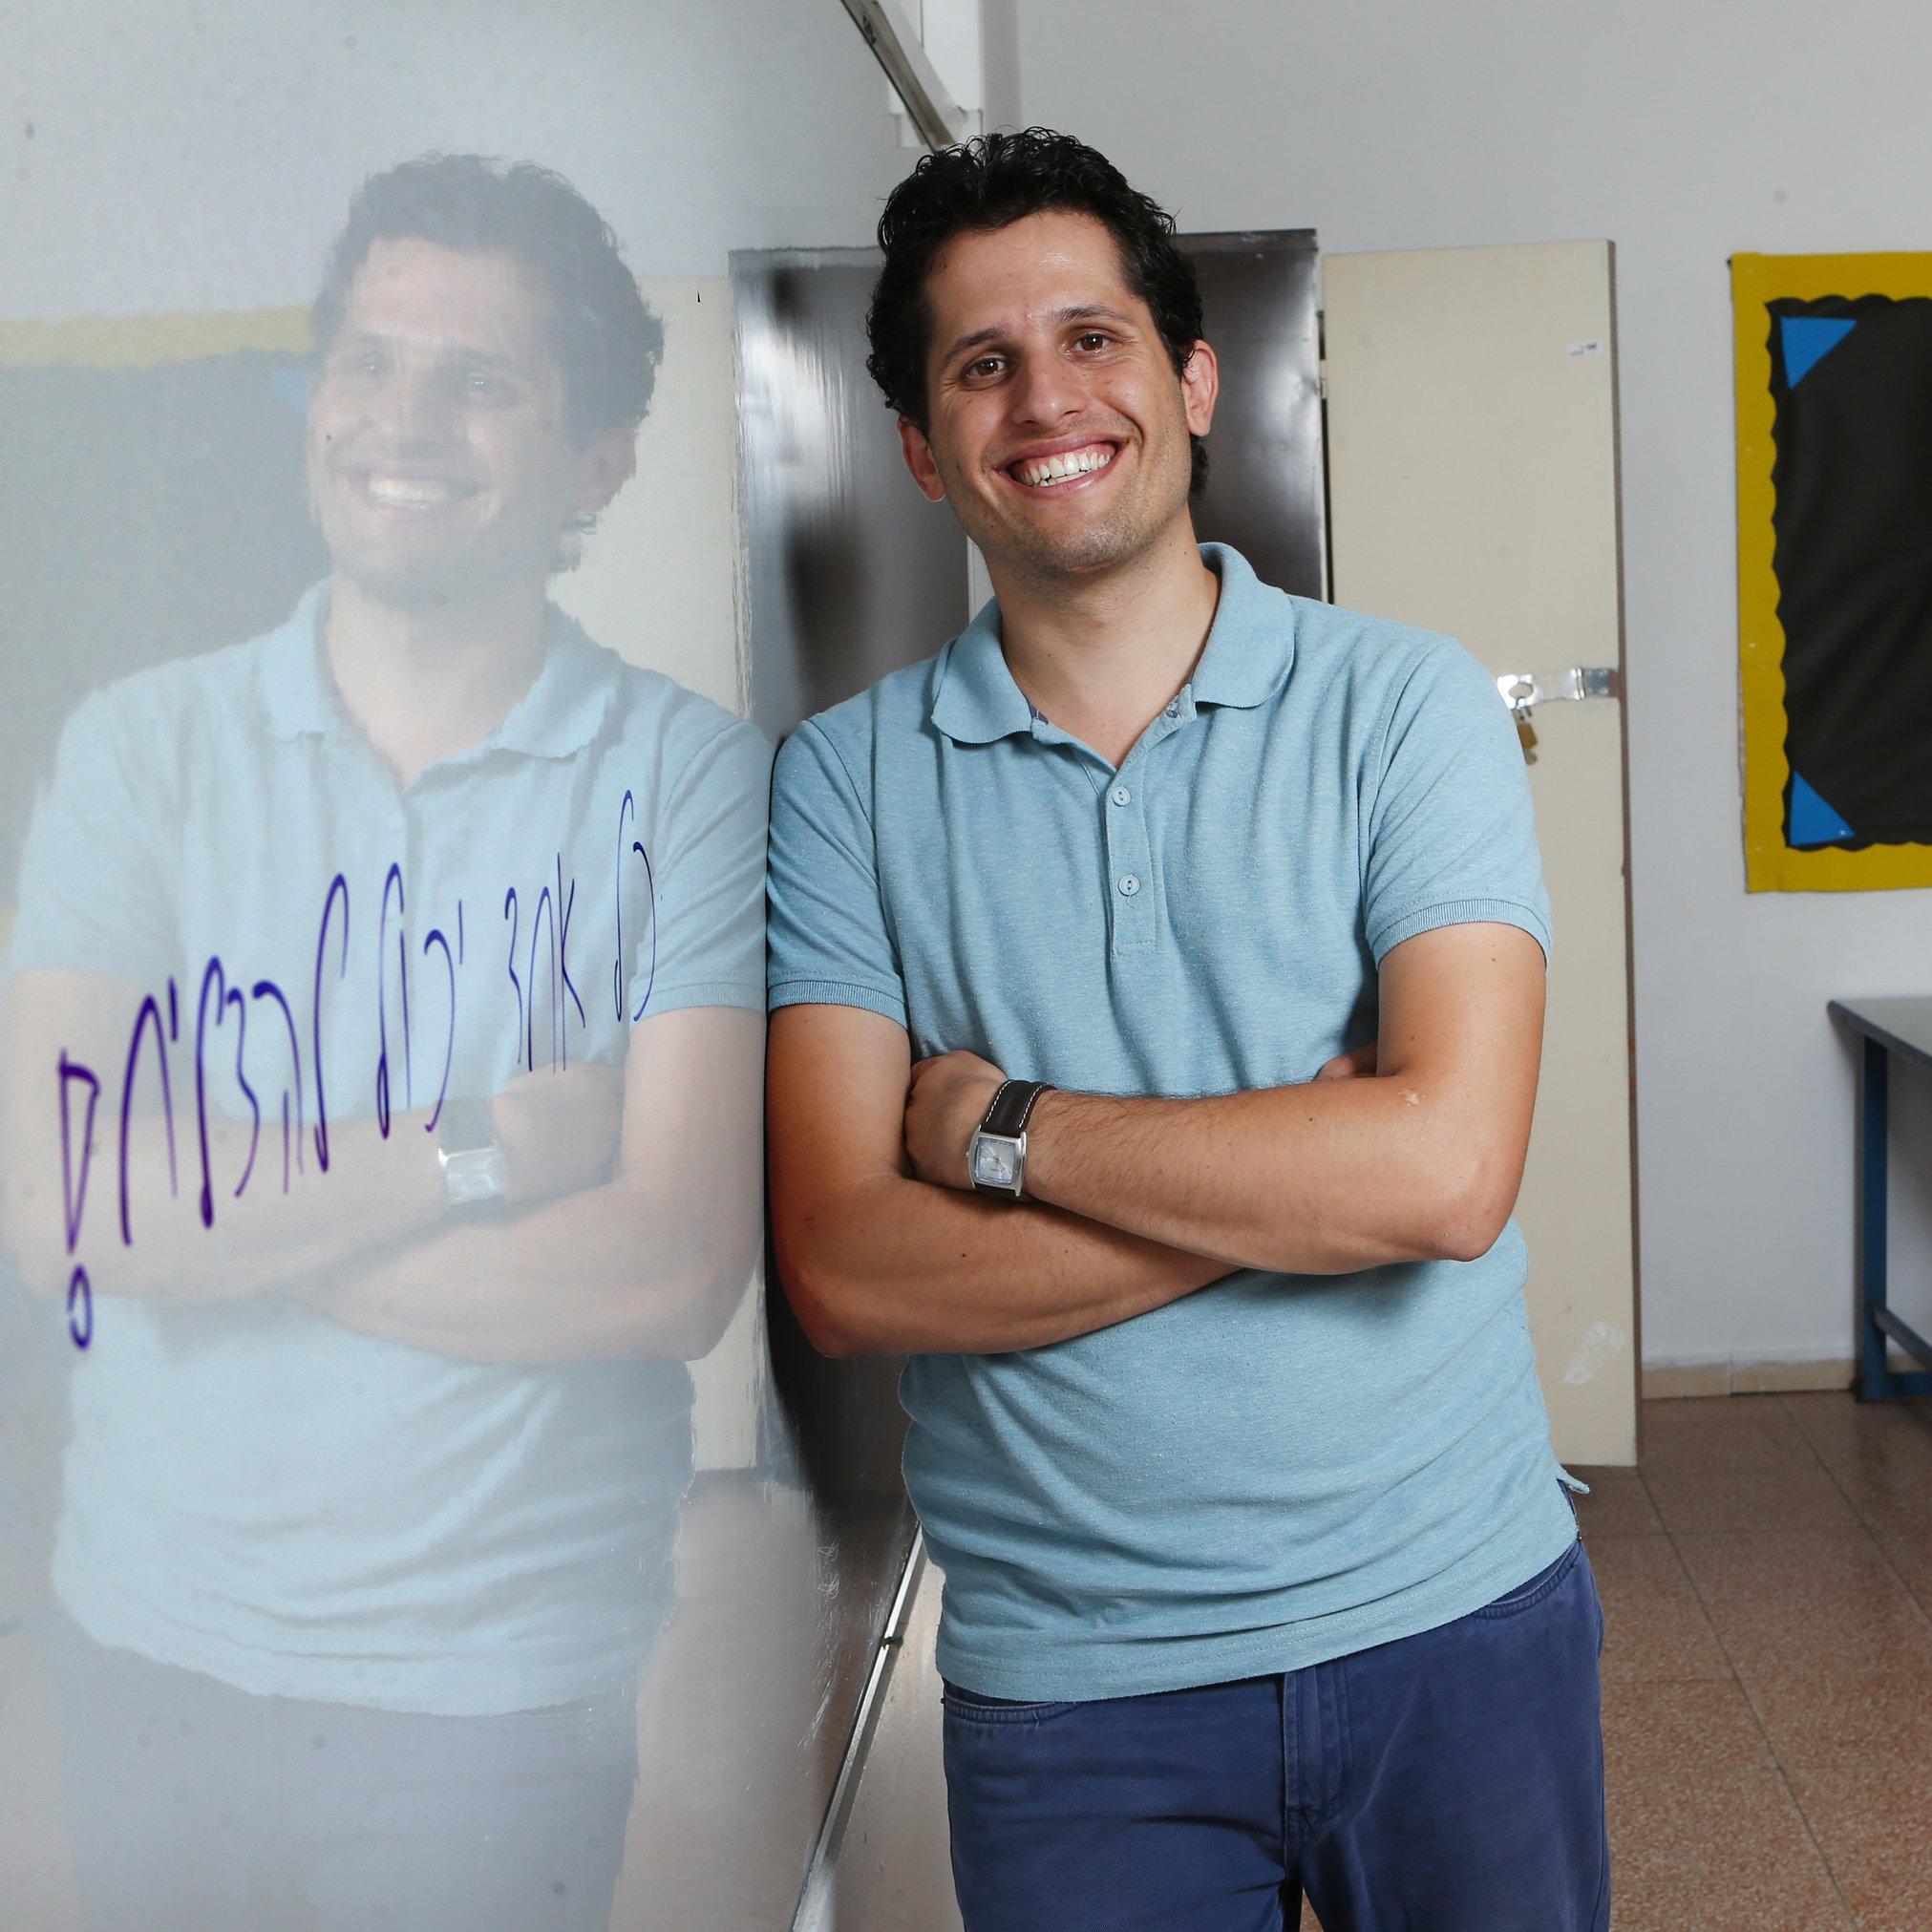 אליאסף יעקב. מחנך ומורה לאנגלית   צילום: אלכס קולומויסקי